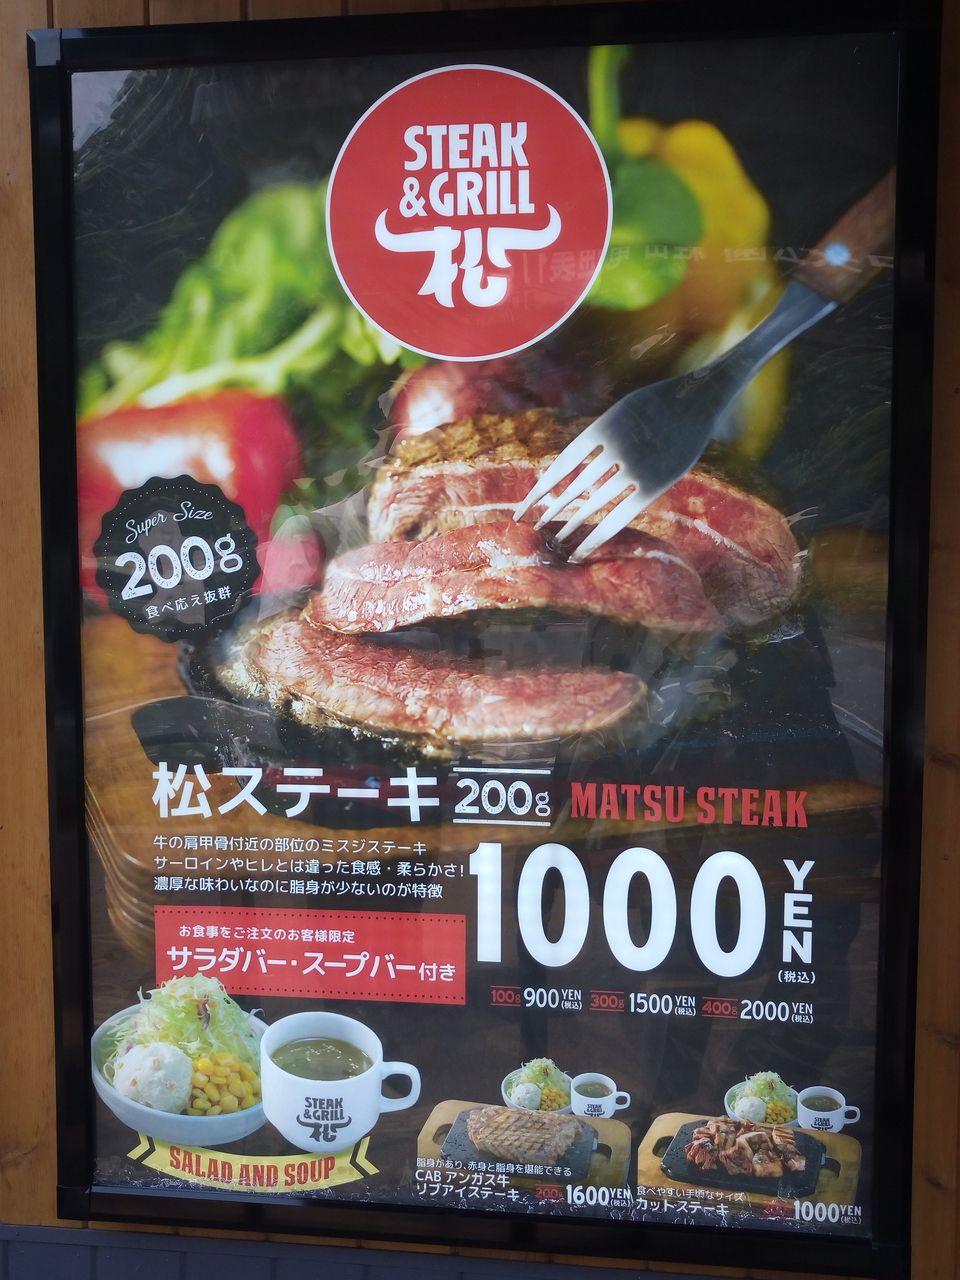 話題の「ステーキ屋松」へ行ってみました。三鷹に来たら是非!